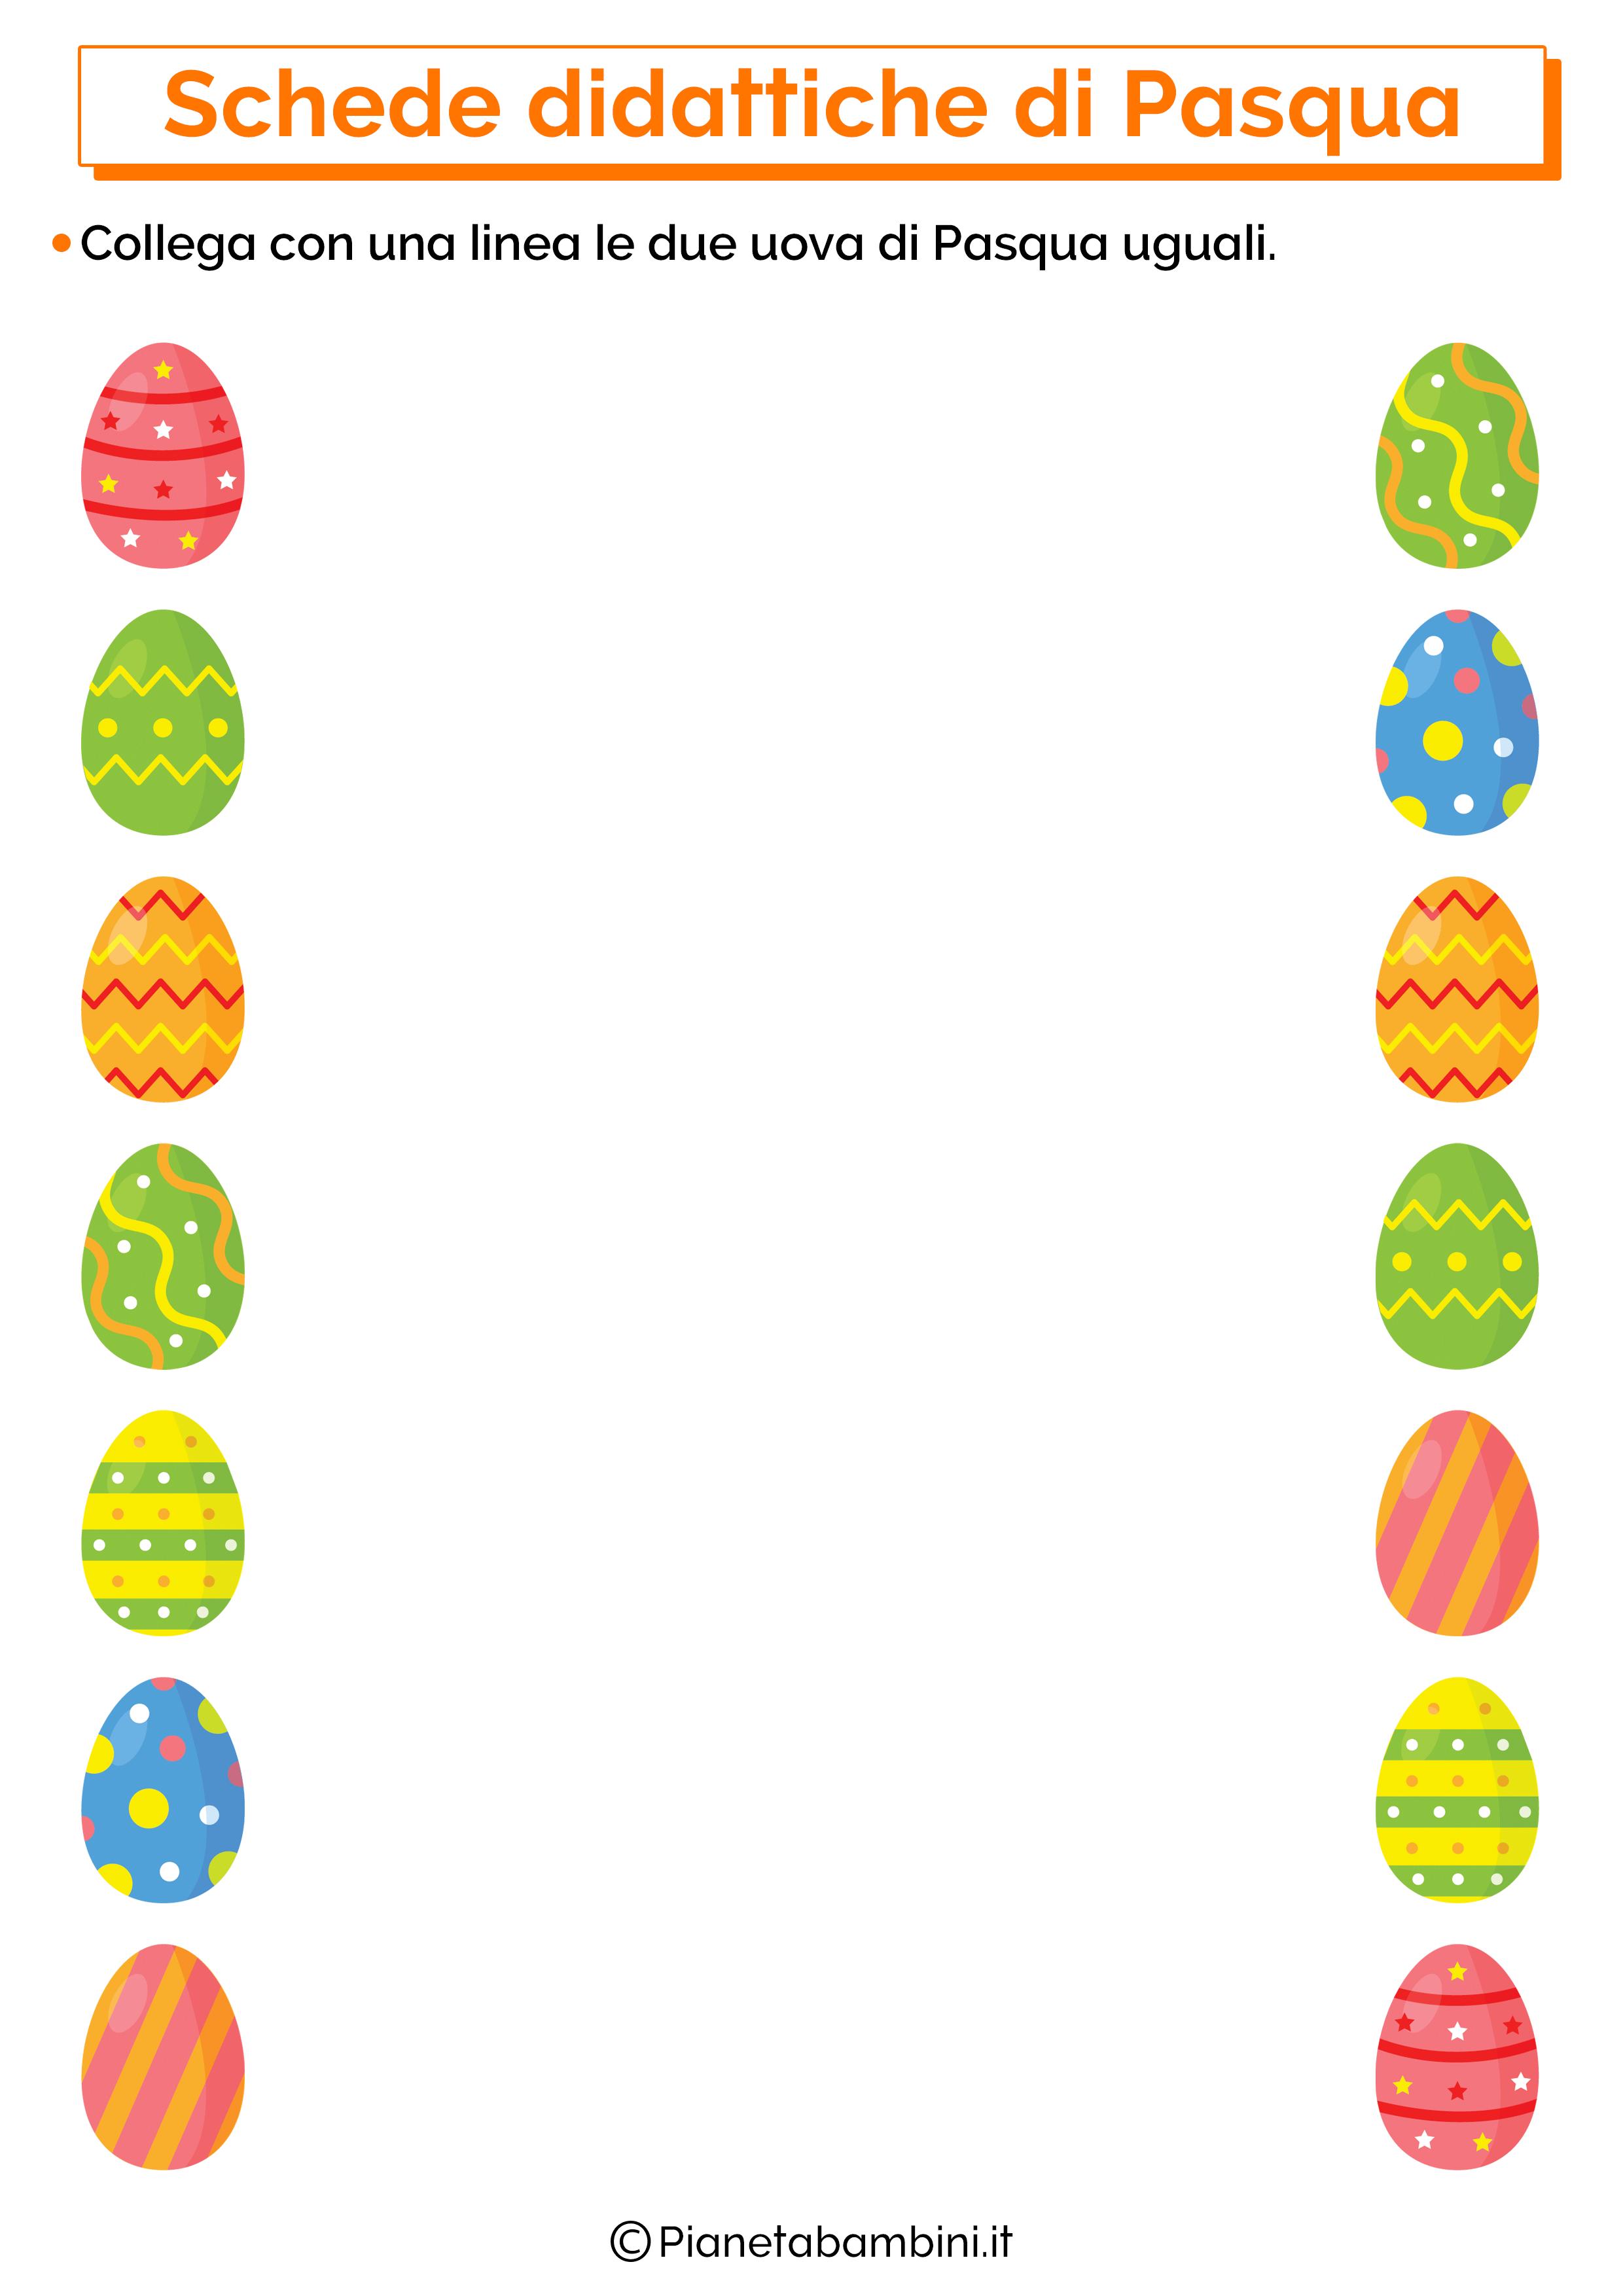 Scheda didattica di Pasqua per la scuola dell'infanzia 11